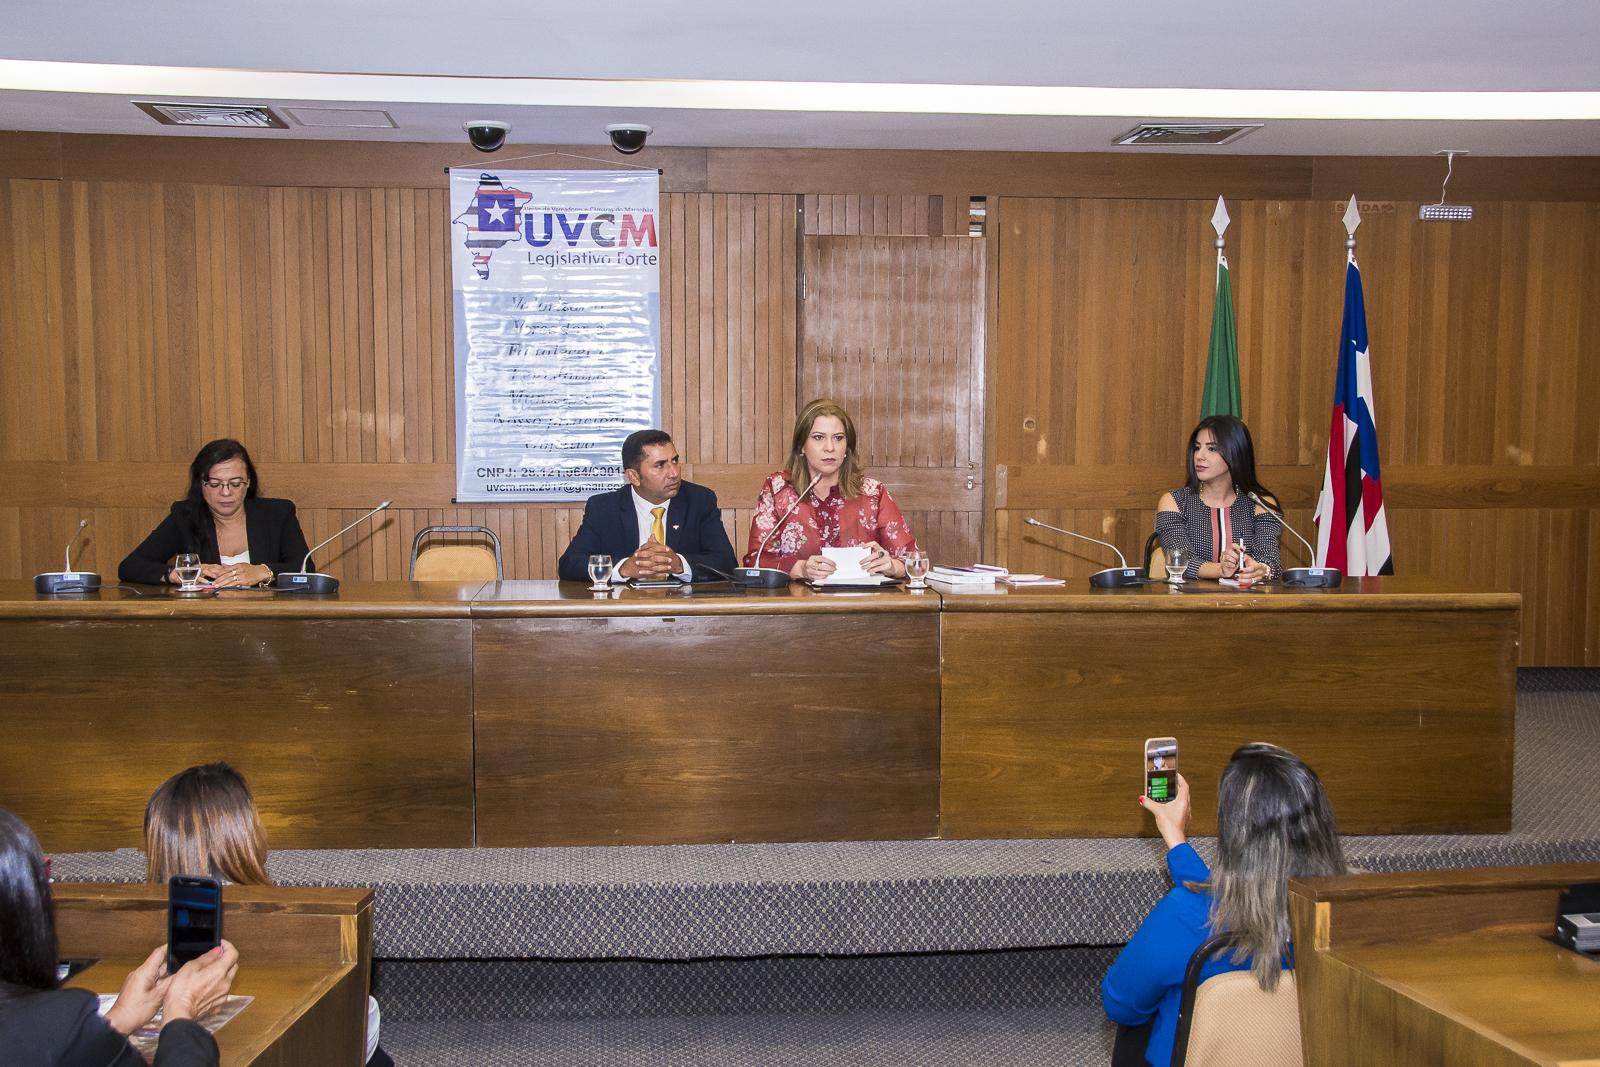 Fórum da Mulher debate papel e fortalecimento das vereadoras do Estado